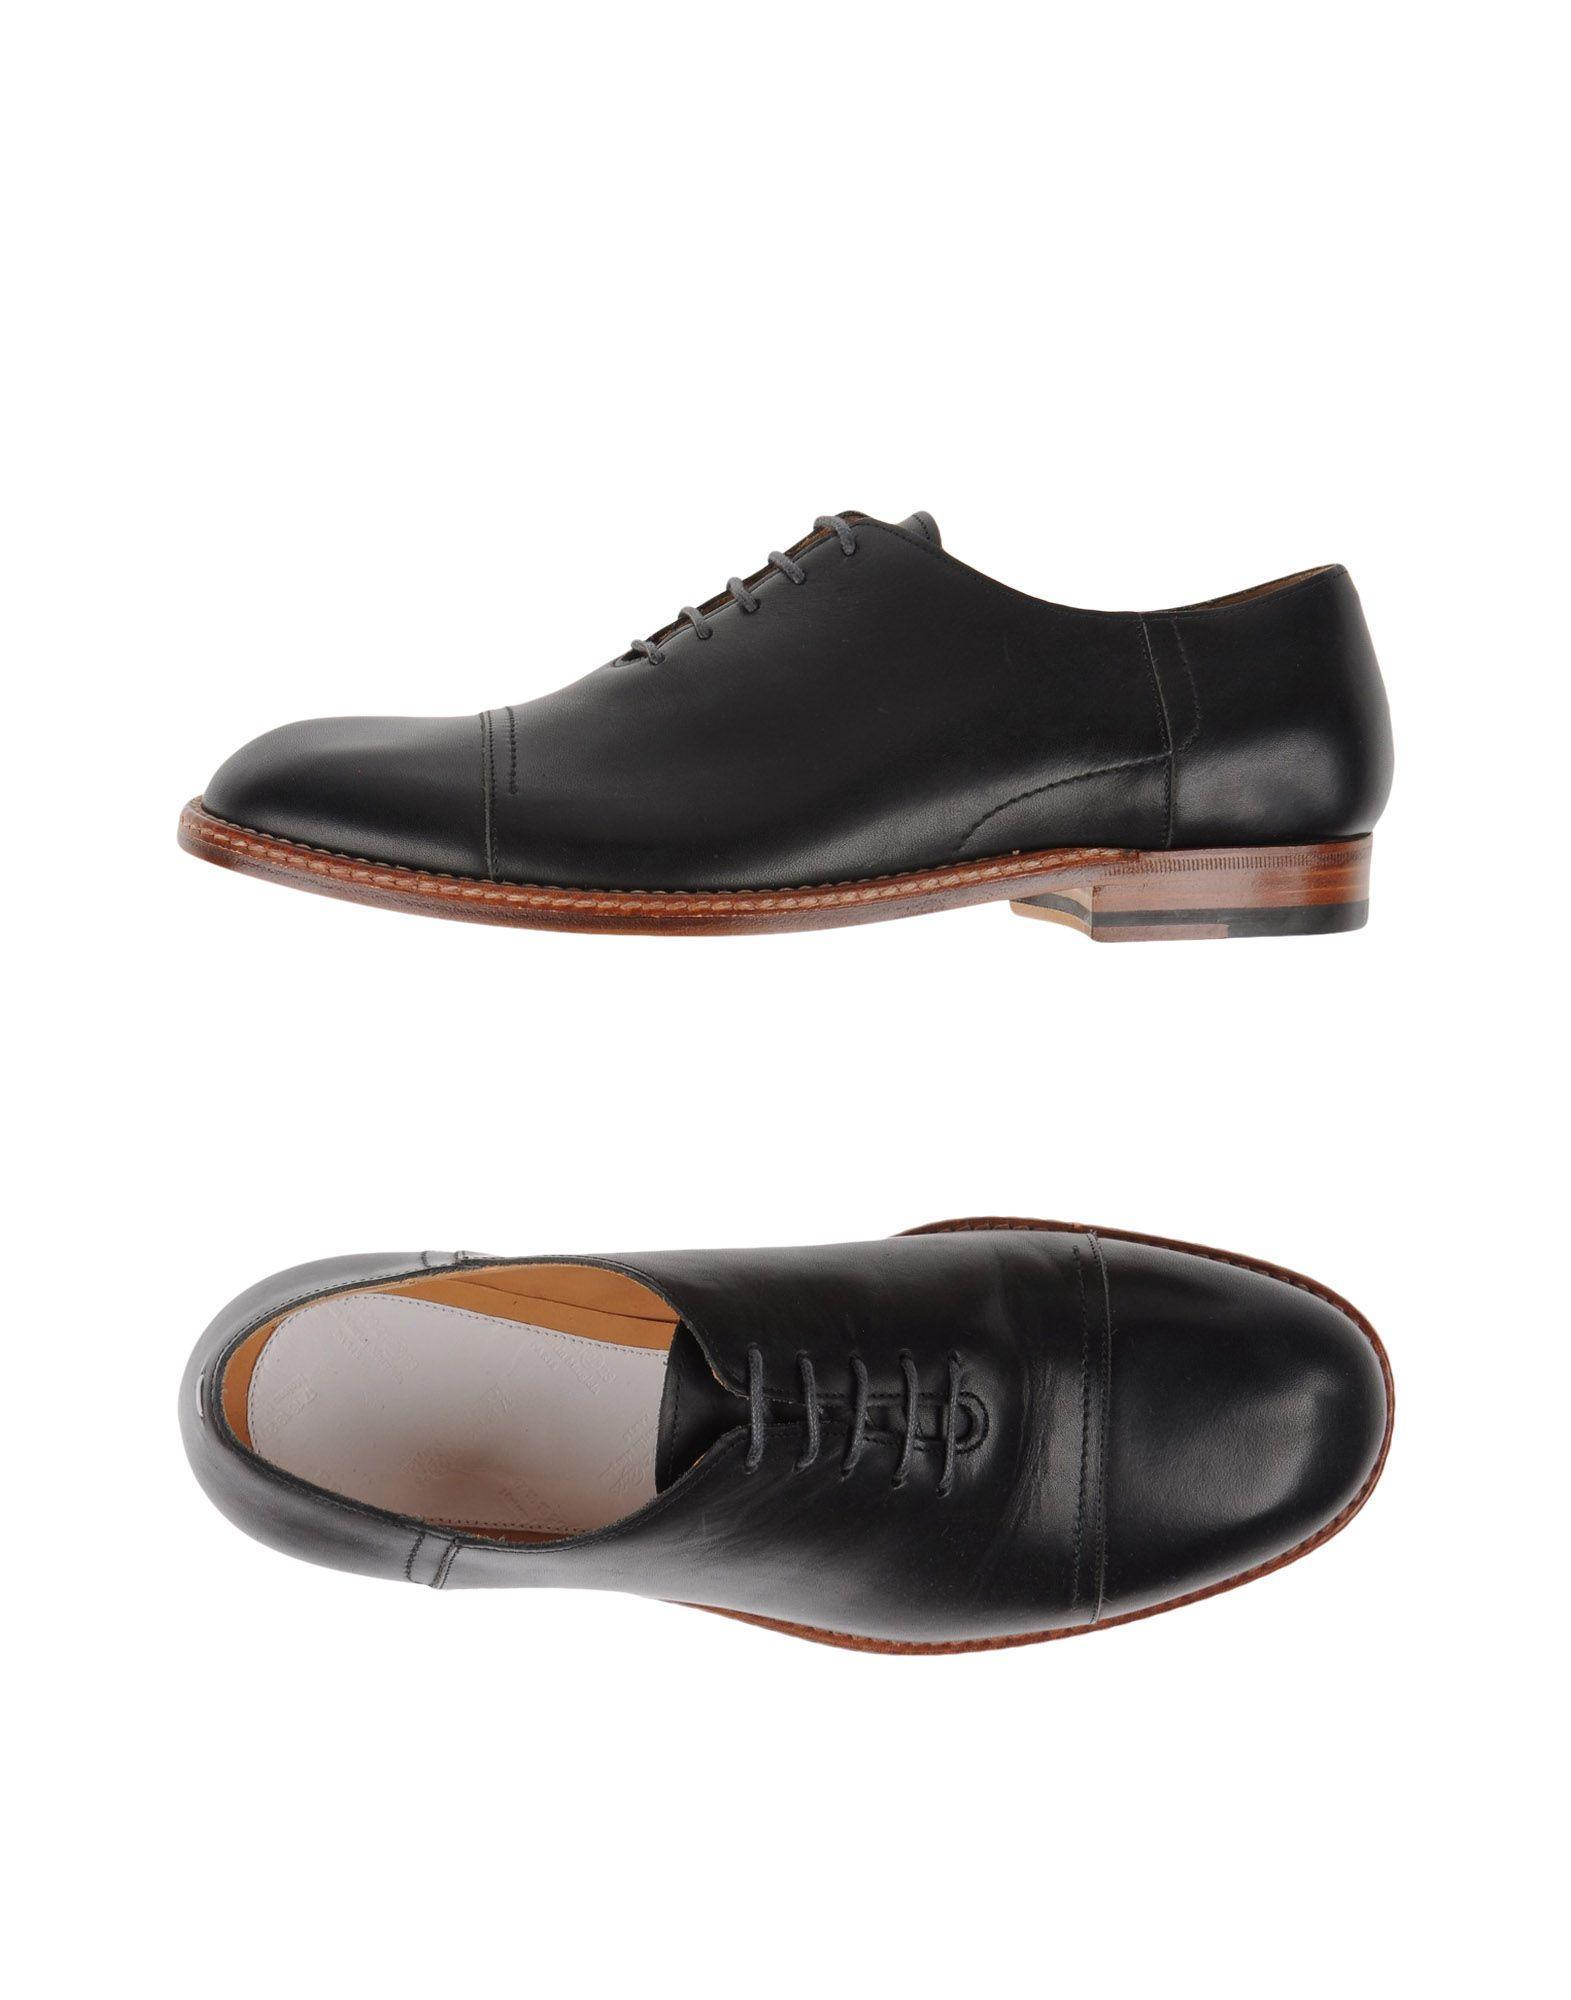 maison margiela lace up shoe in black for men lyst. Black Bedroom Furniture Sets. Home Design Ideas